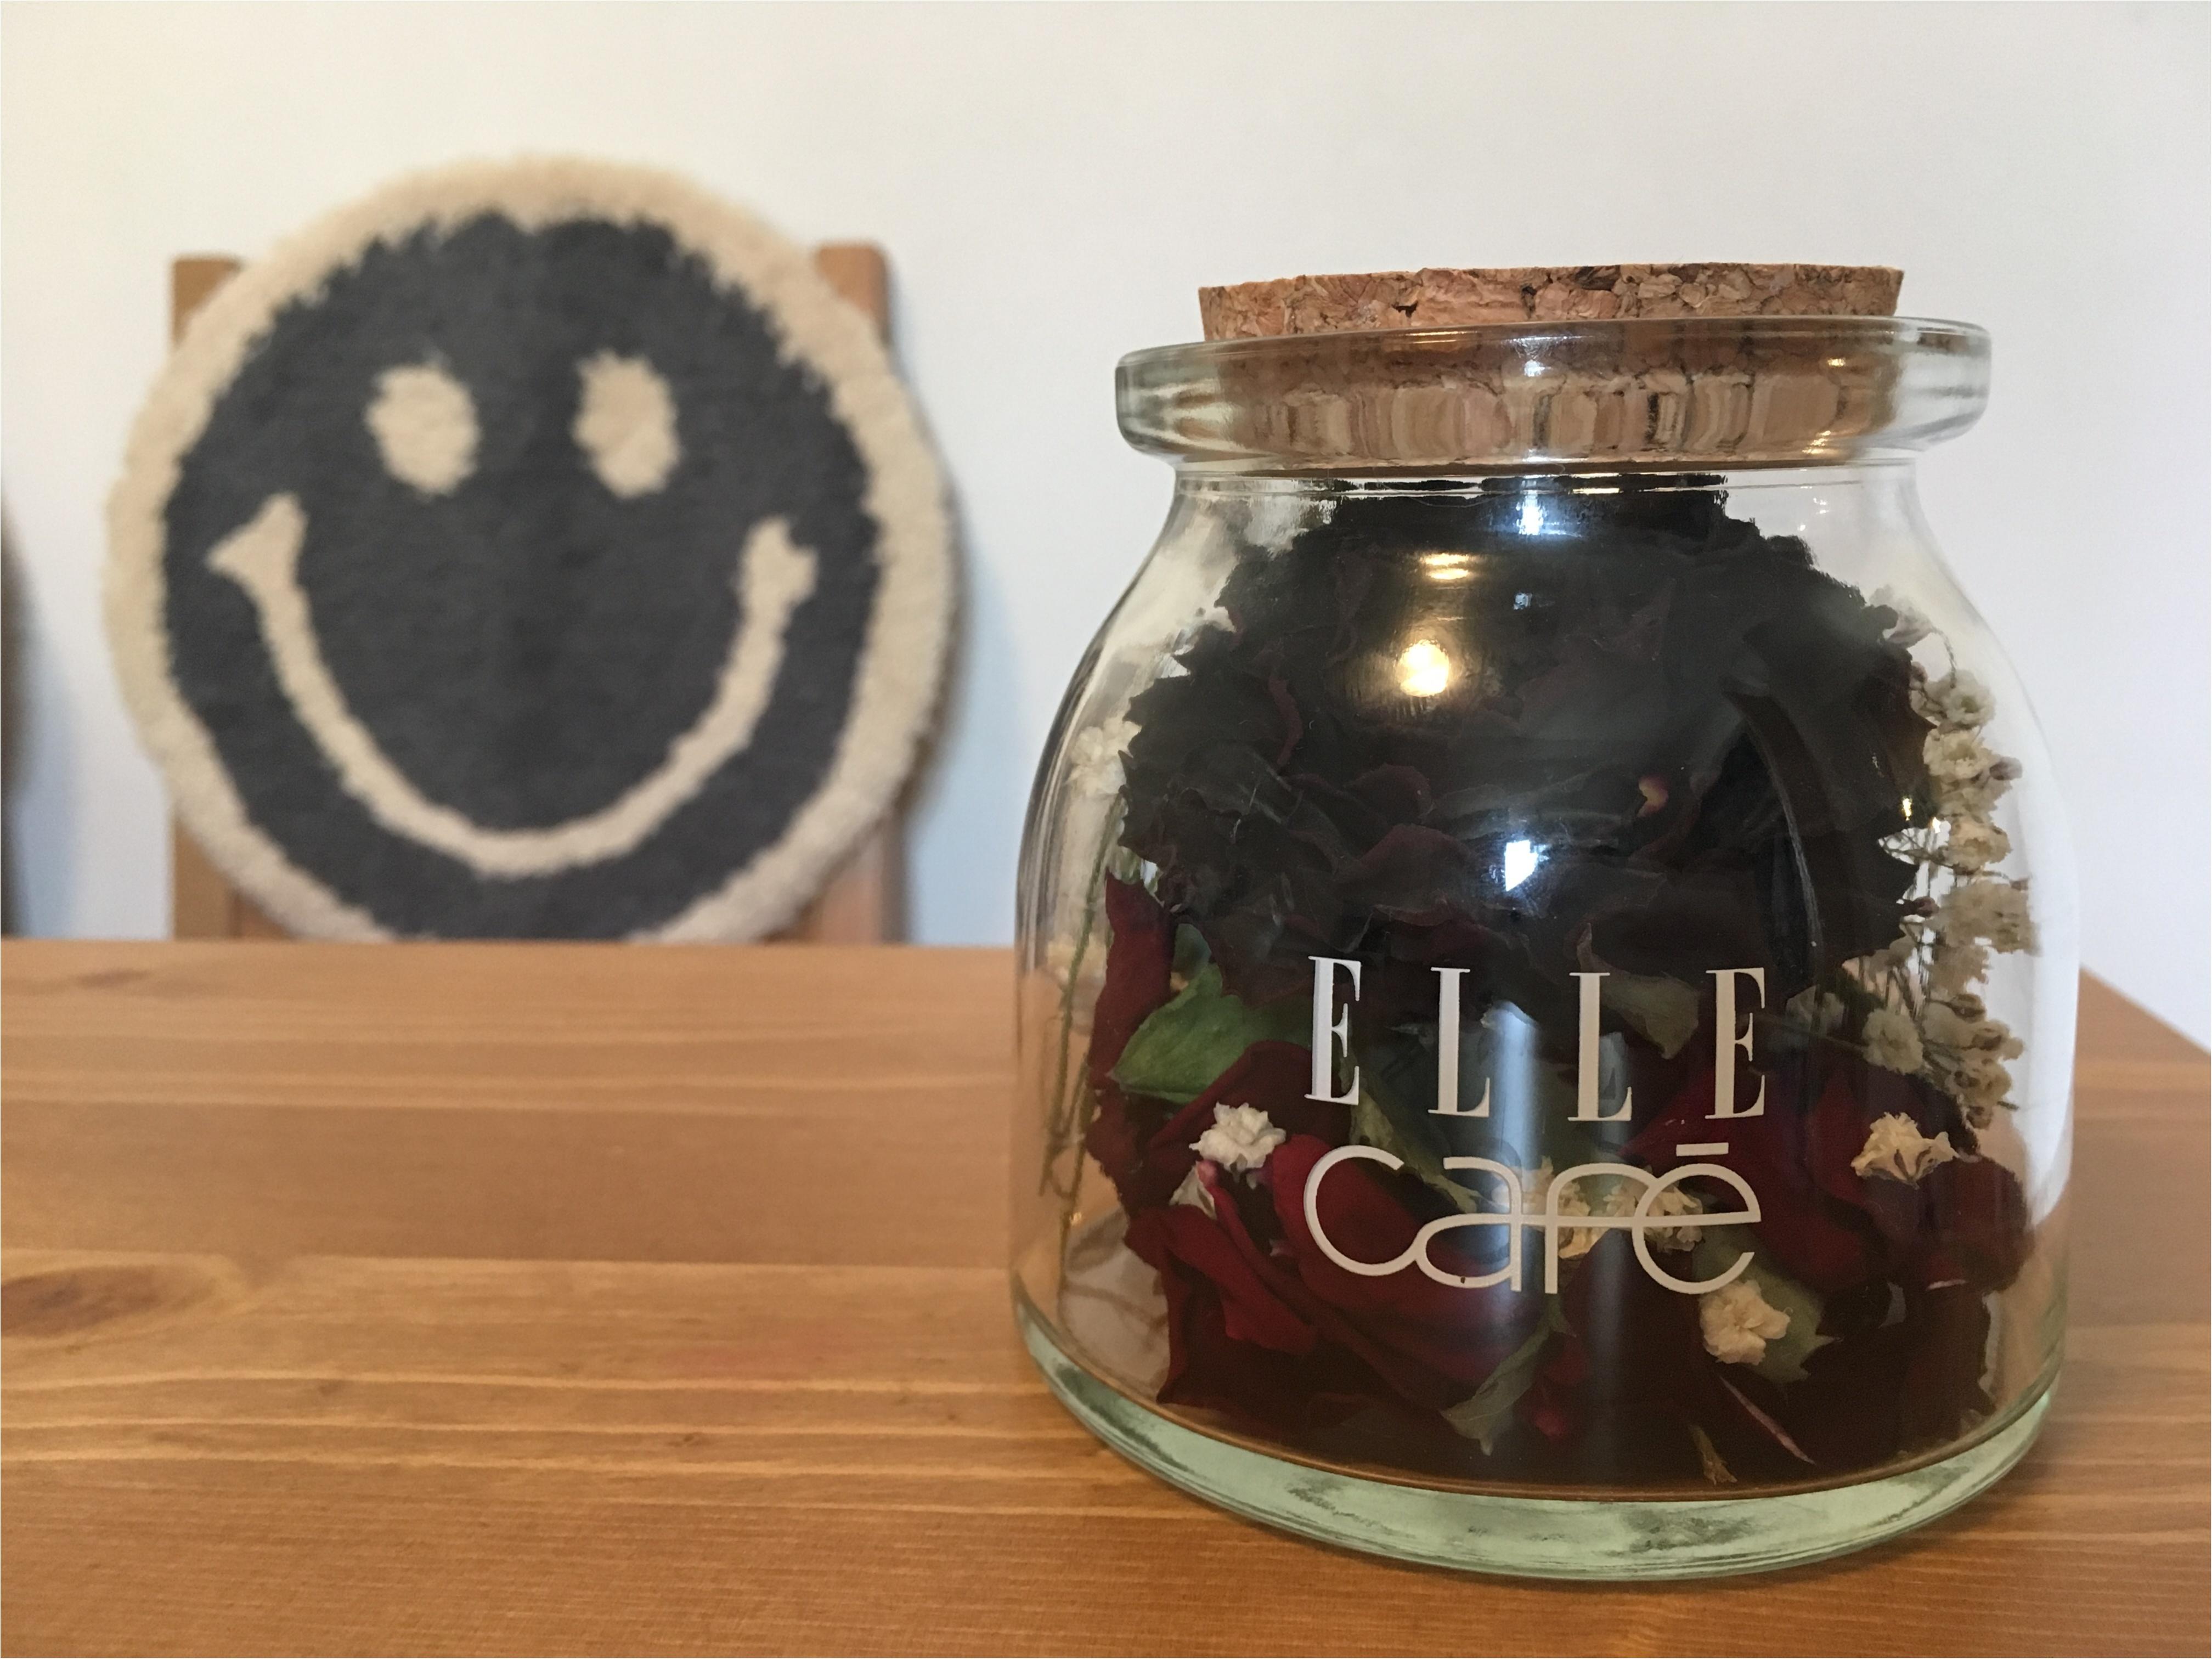 生花は飾るだけじゃもったいない!!生花→ドライフラワー→・・にもう一手間♡エルカフェの可愛すぎる空き瓶を使って永久保存♪_1